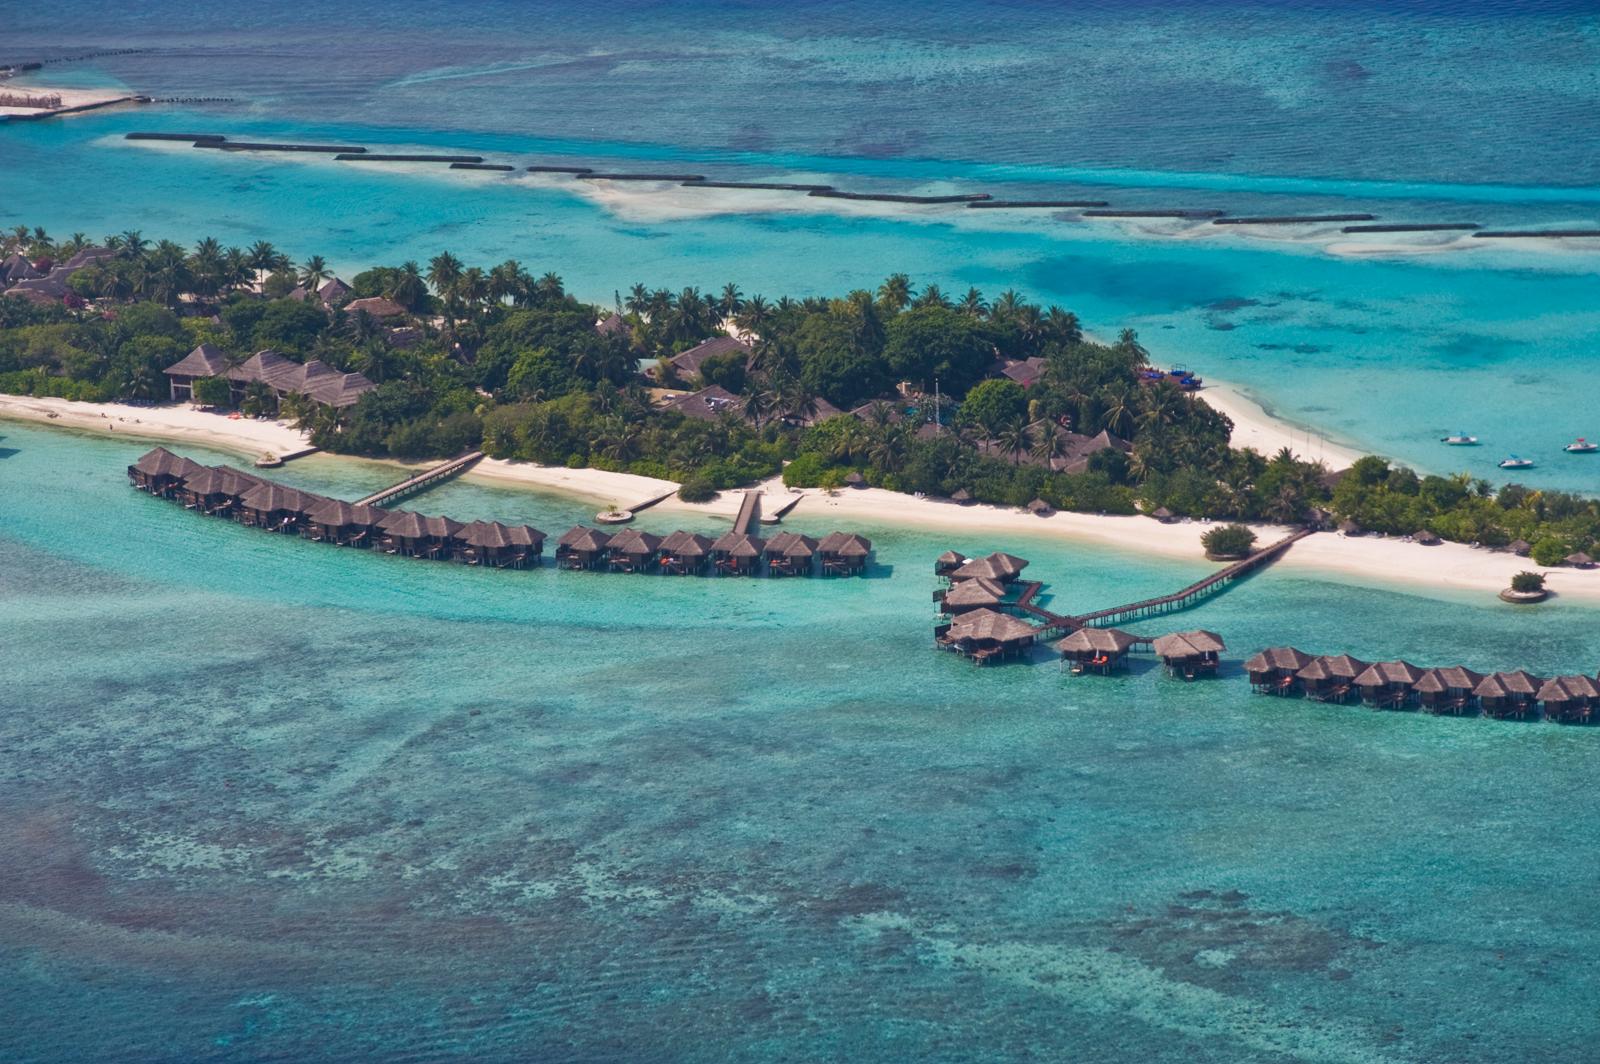 Villaggio a Malè, vista aerea.